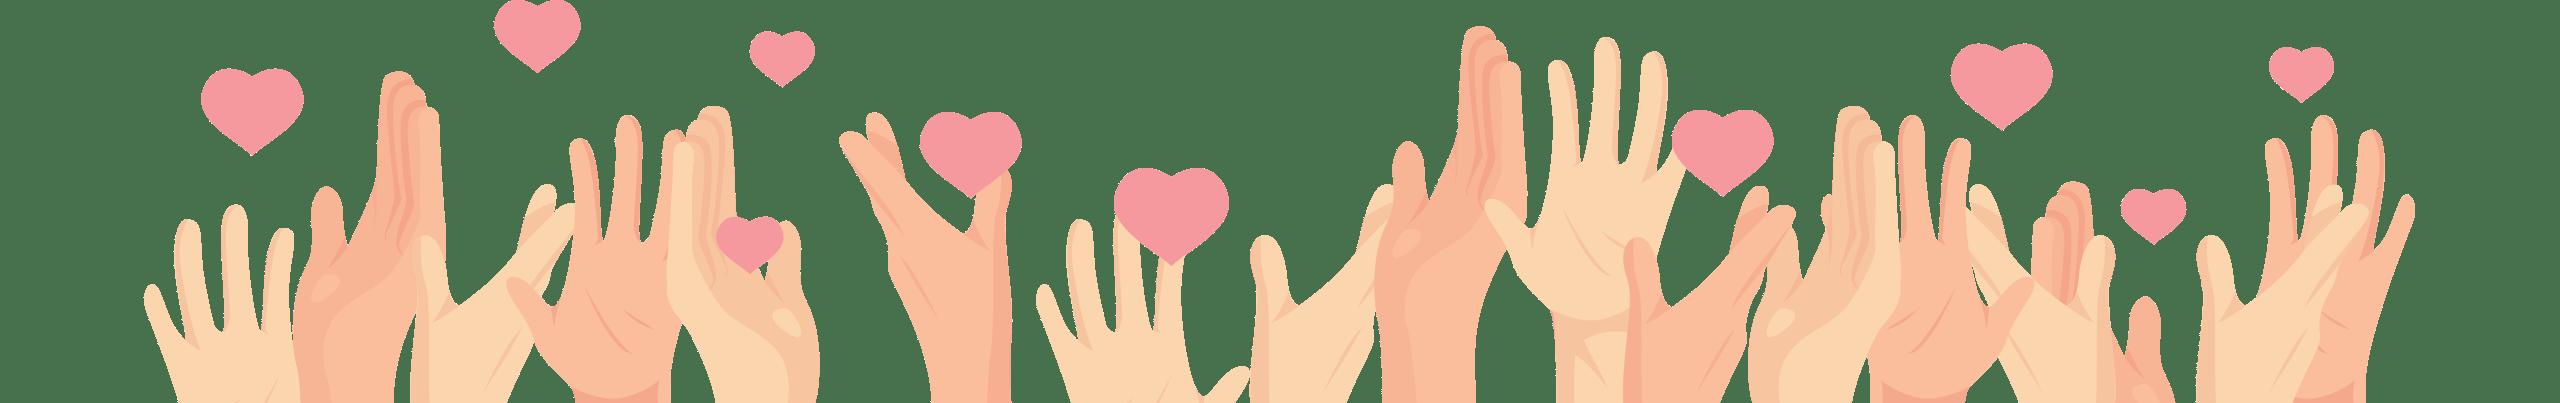 Mains qui se lèvent avec des coeurs